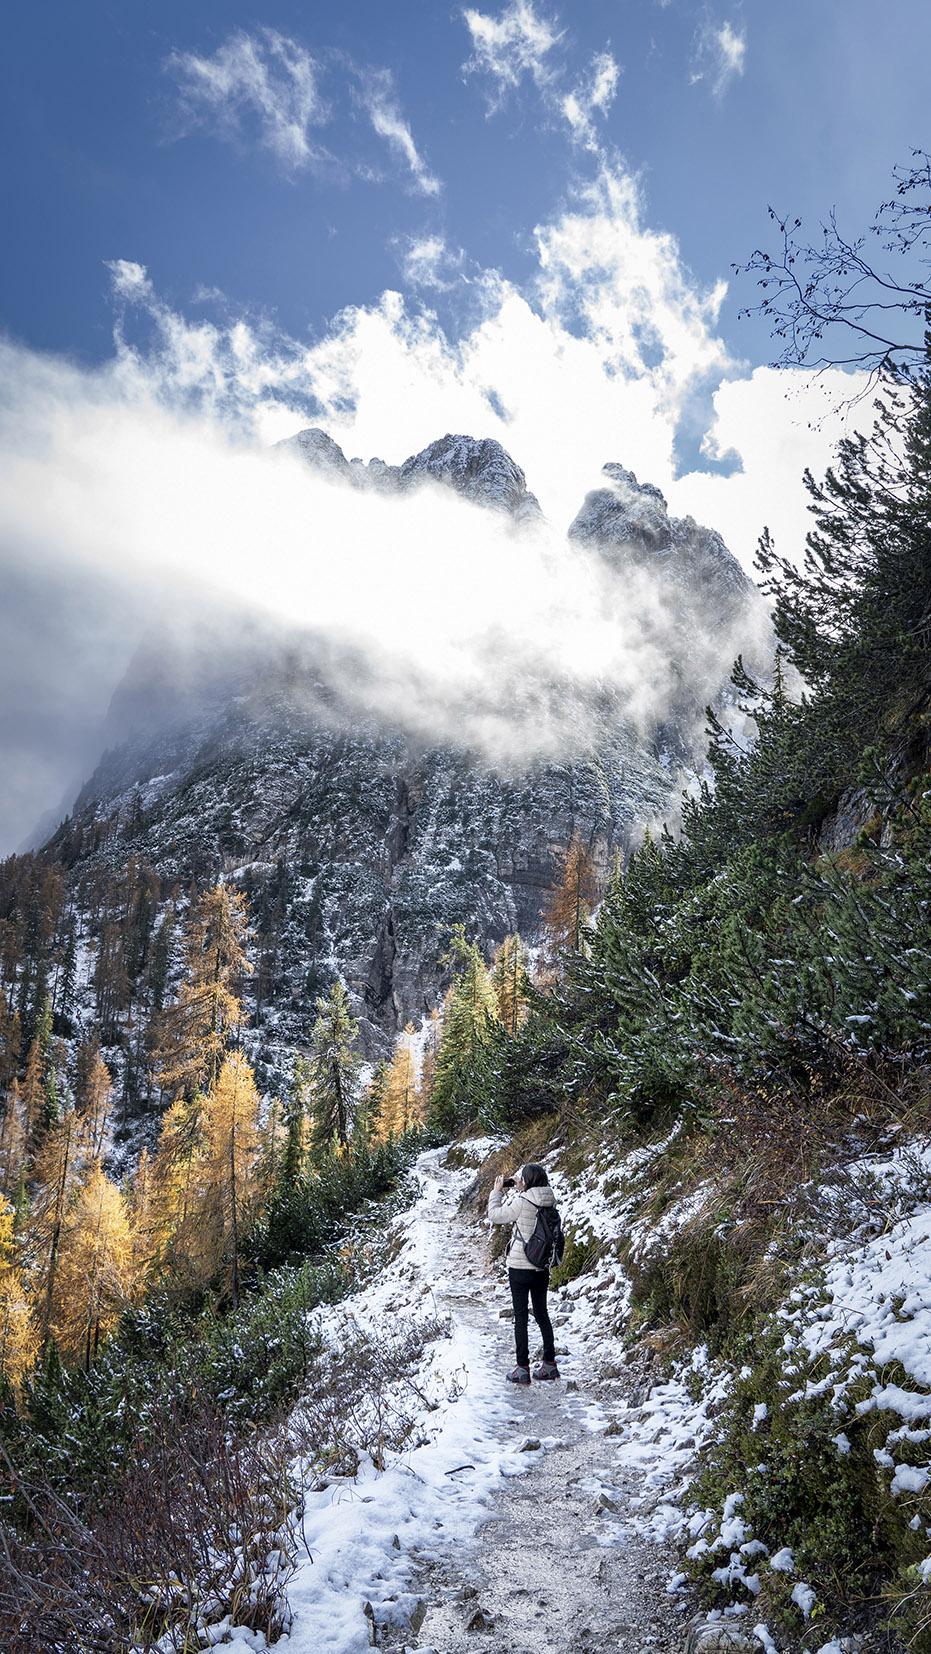 Lago di Sorapis montagnes sentier sapins automne neige